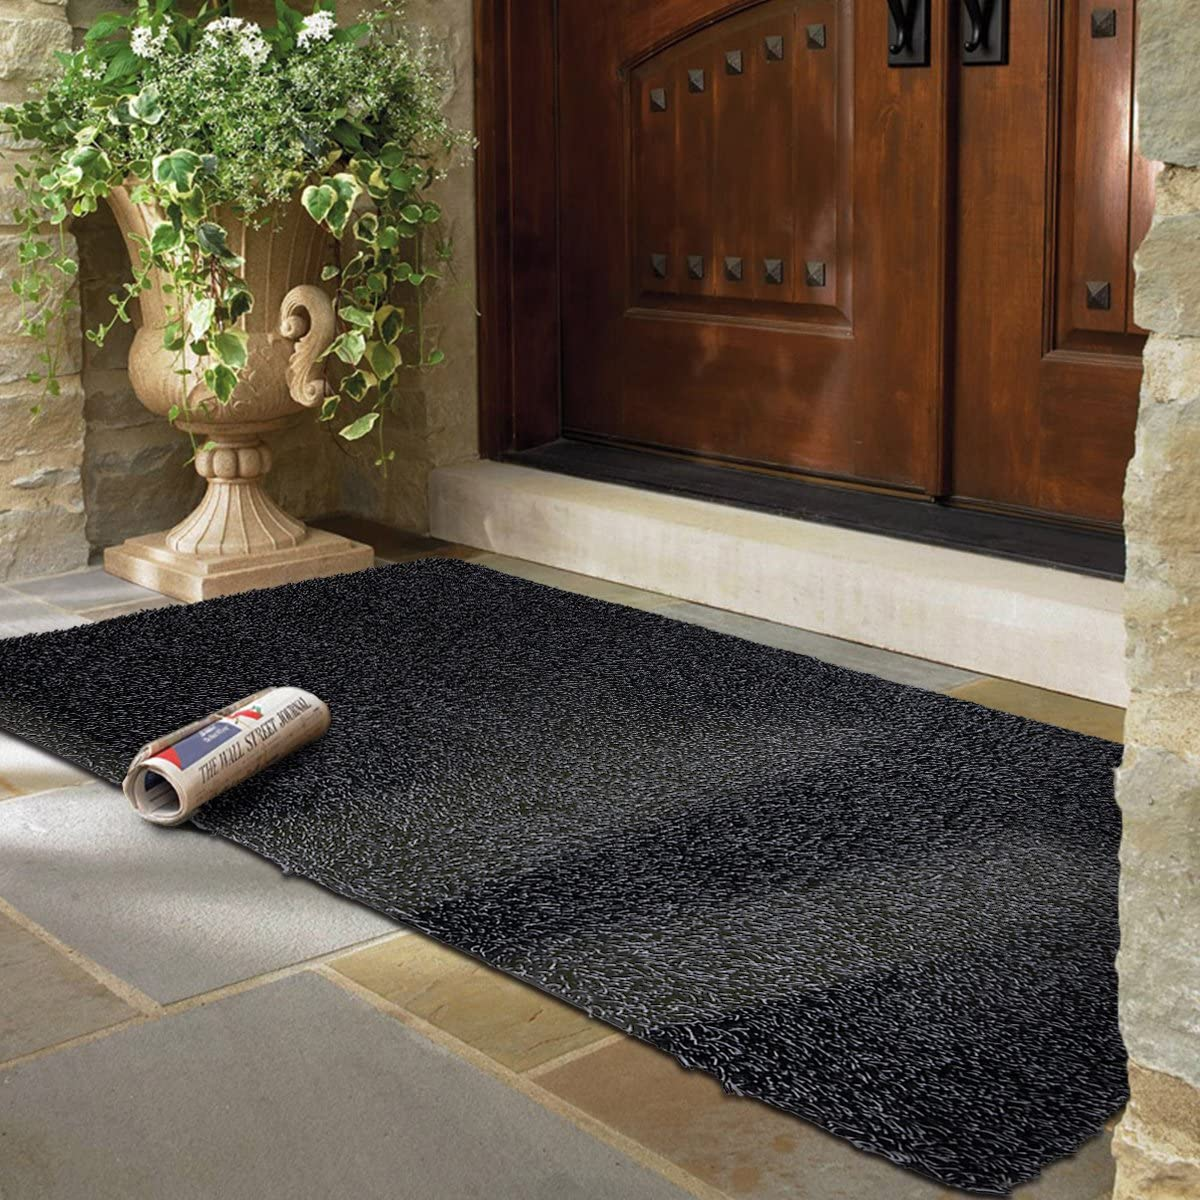 mayshine® 60x100 cm Felpudos Alfombrilla Antideslizante Extremadamente Resistente, Exterior e Interior, se Puede Lavar, para limpiarse en Puerta, Entrada, Exteriores